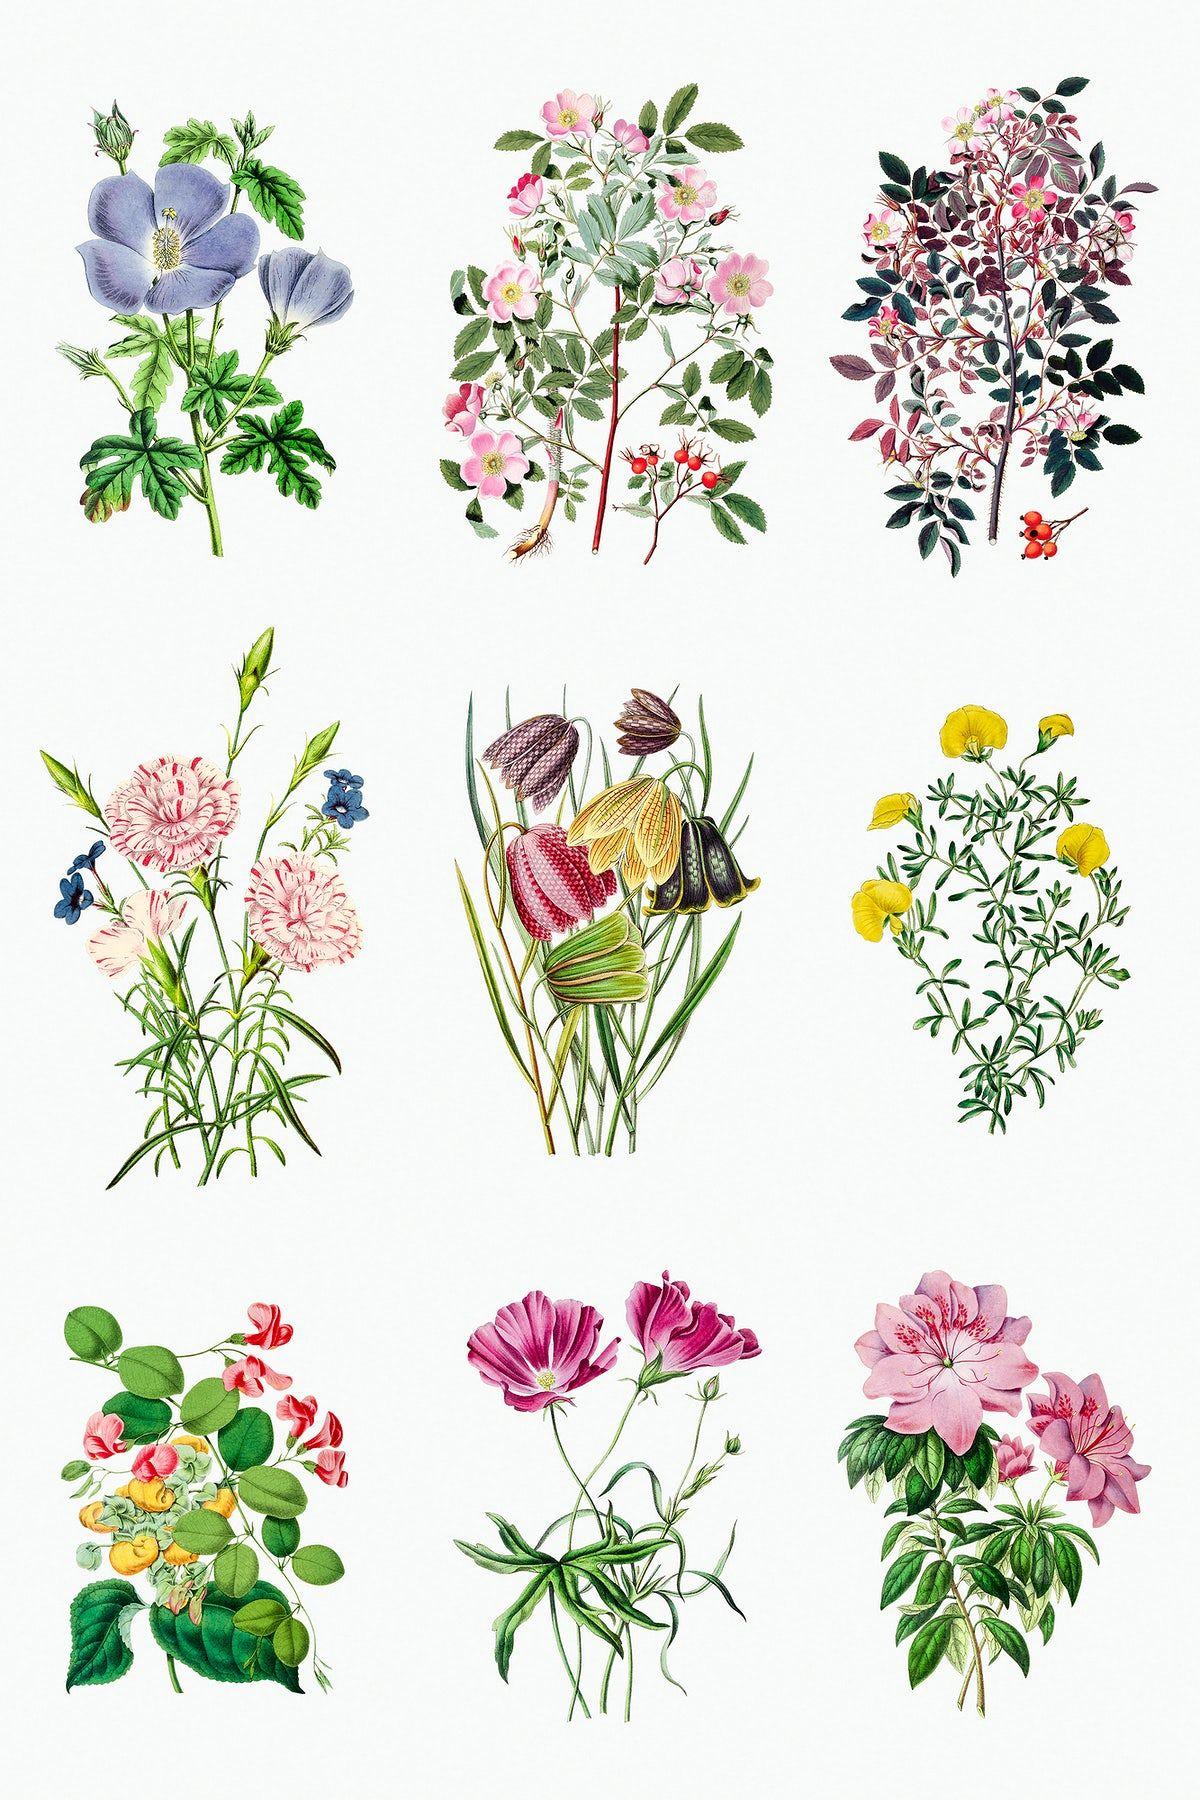 Download Premium Illustration Of Vintage Tropical Flower Design Element In 2020 Flower Printable Tropical Flowers Design Element